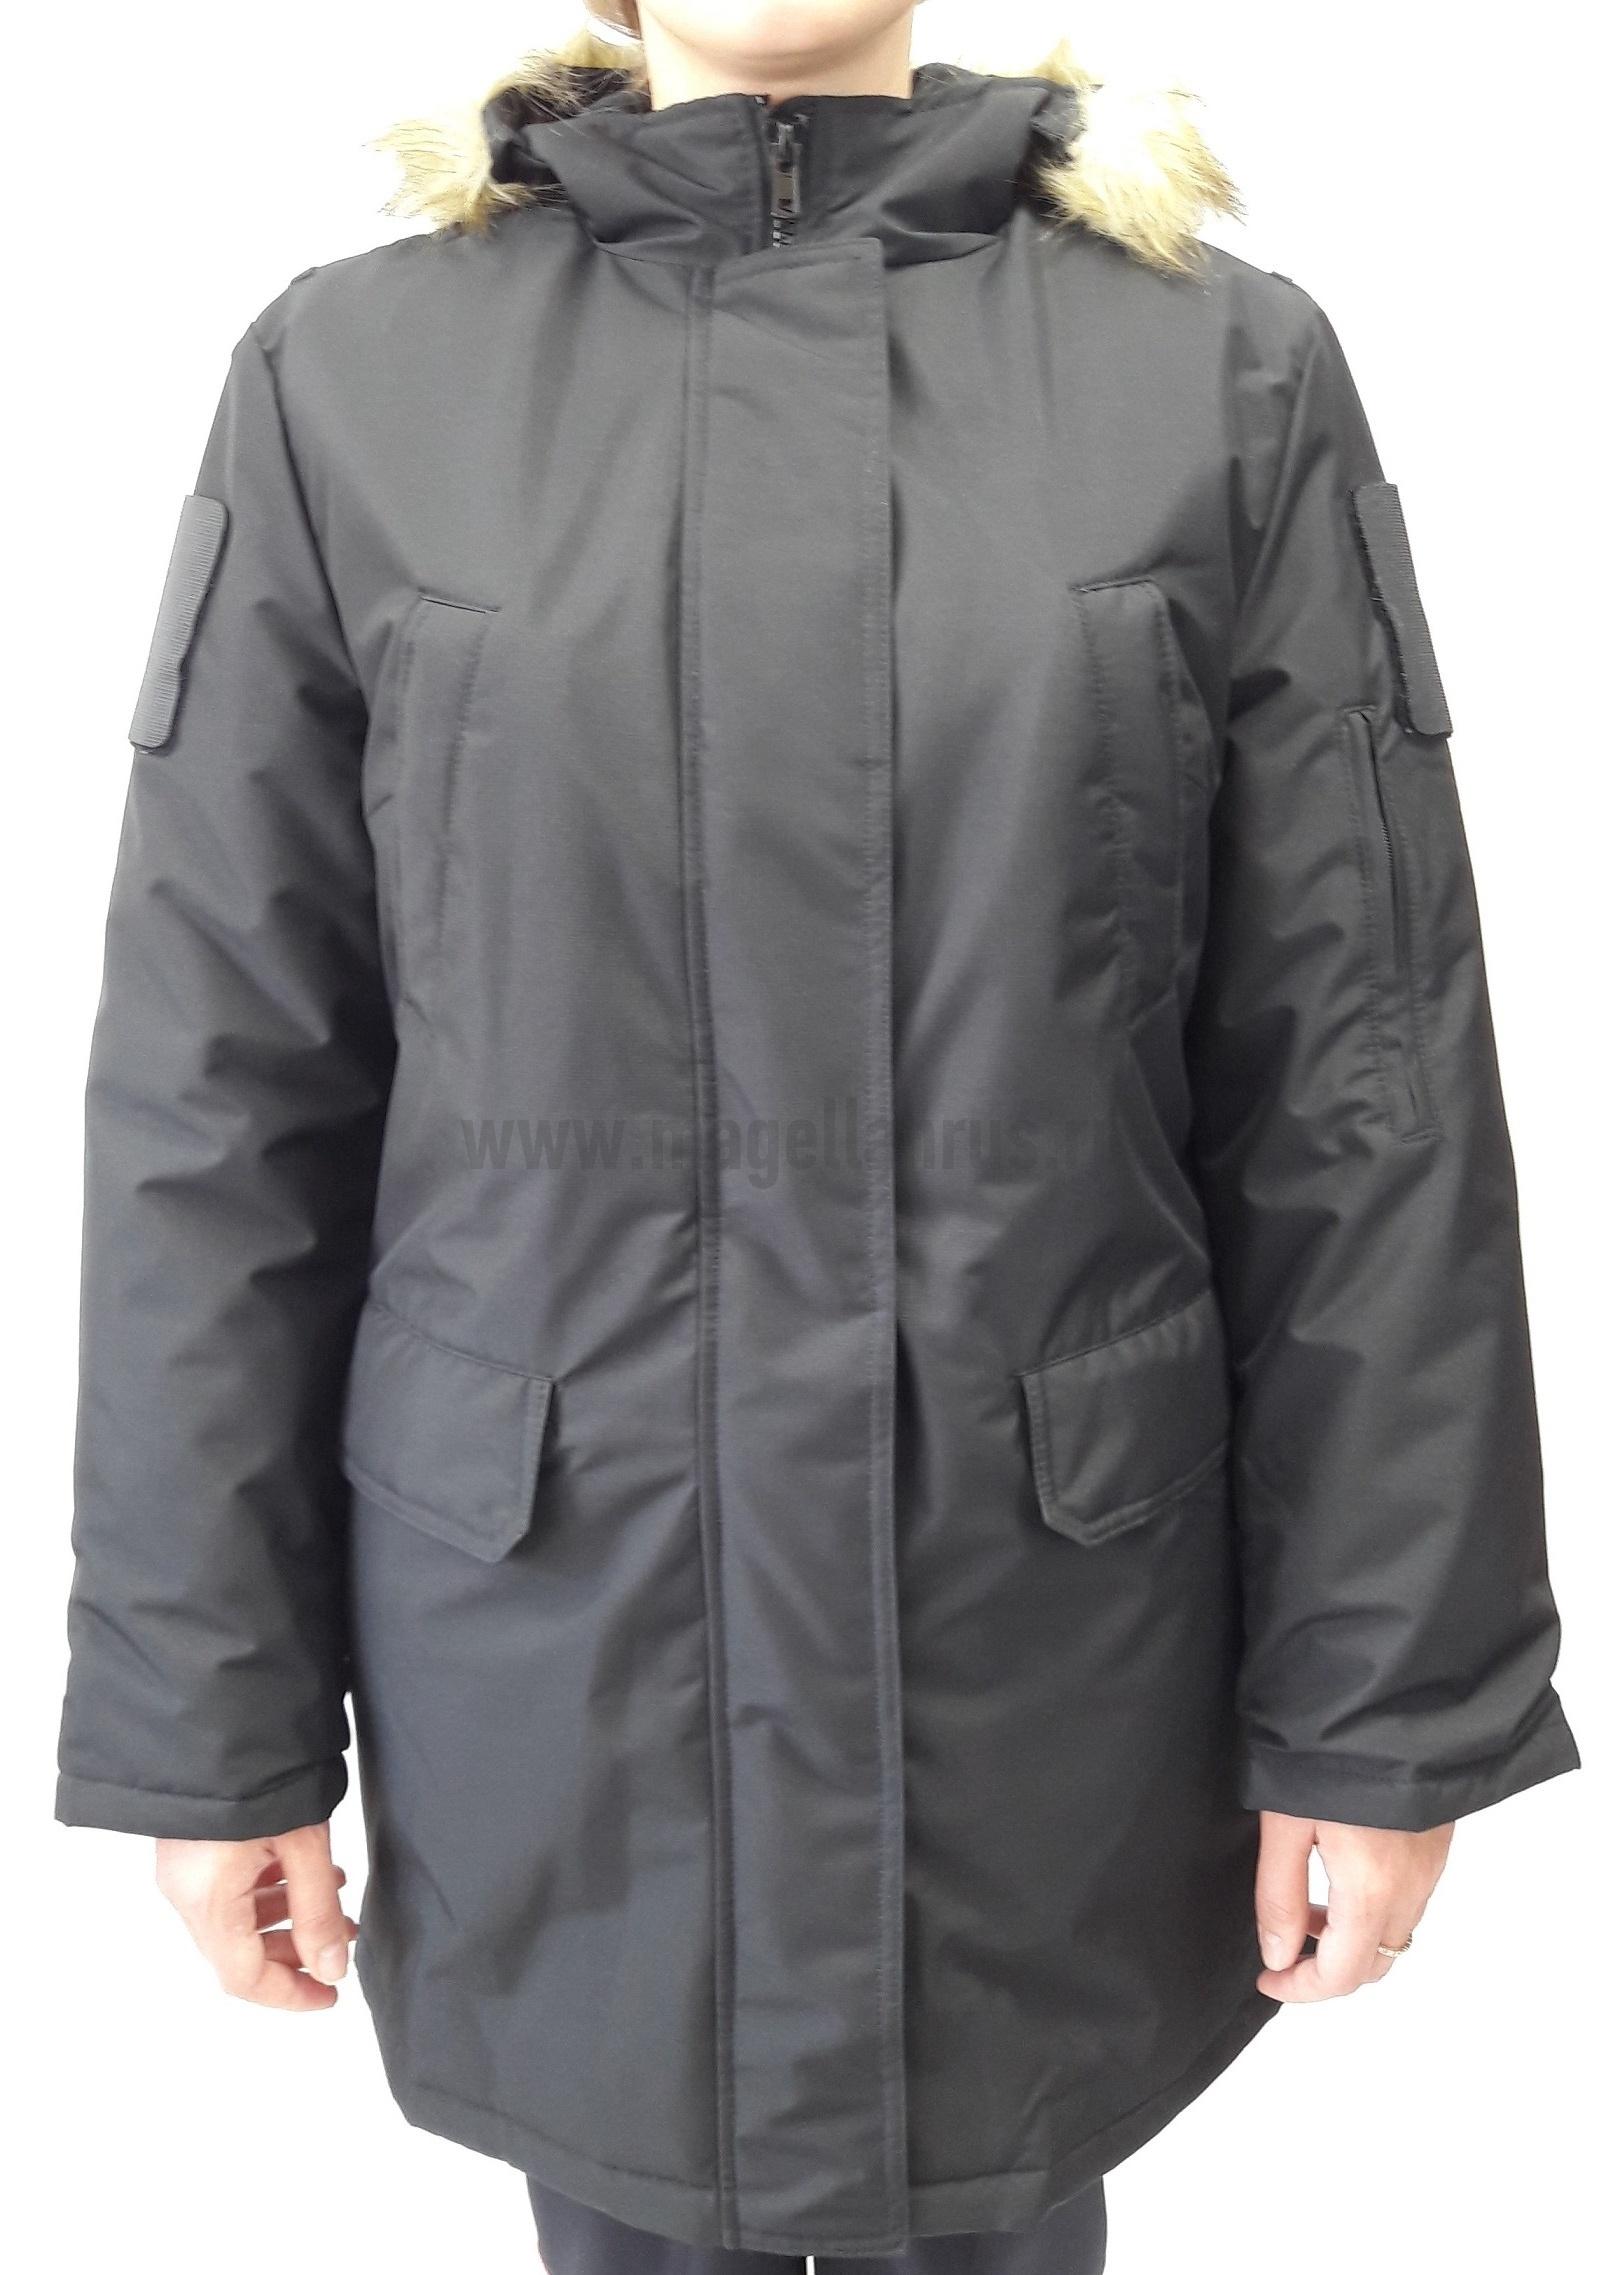 Куртка женская всесезонная МПА-82 (ткань рип-стоп мембрана) черная - артикул: 520070331